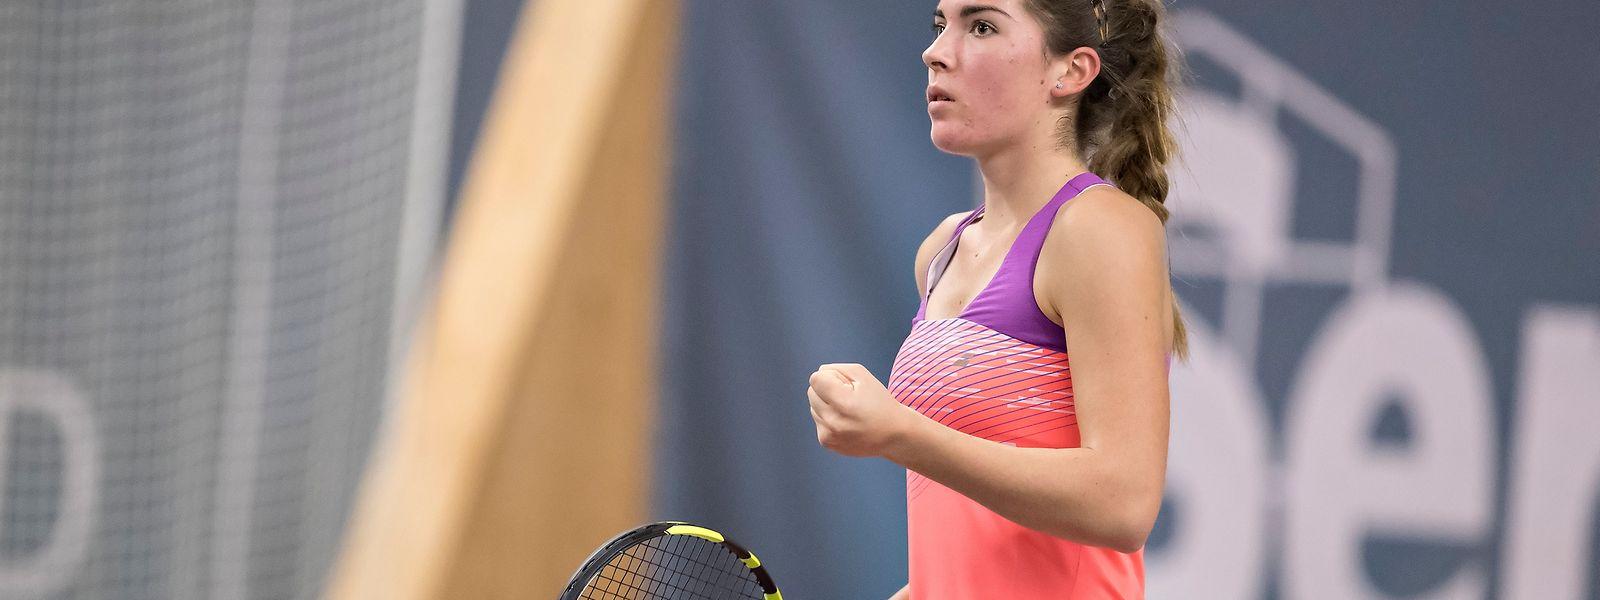 Eléonora Molinaro steht in Grenoble im Viertelfinale.